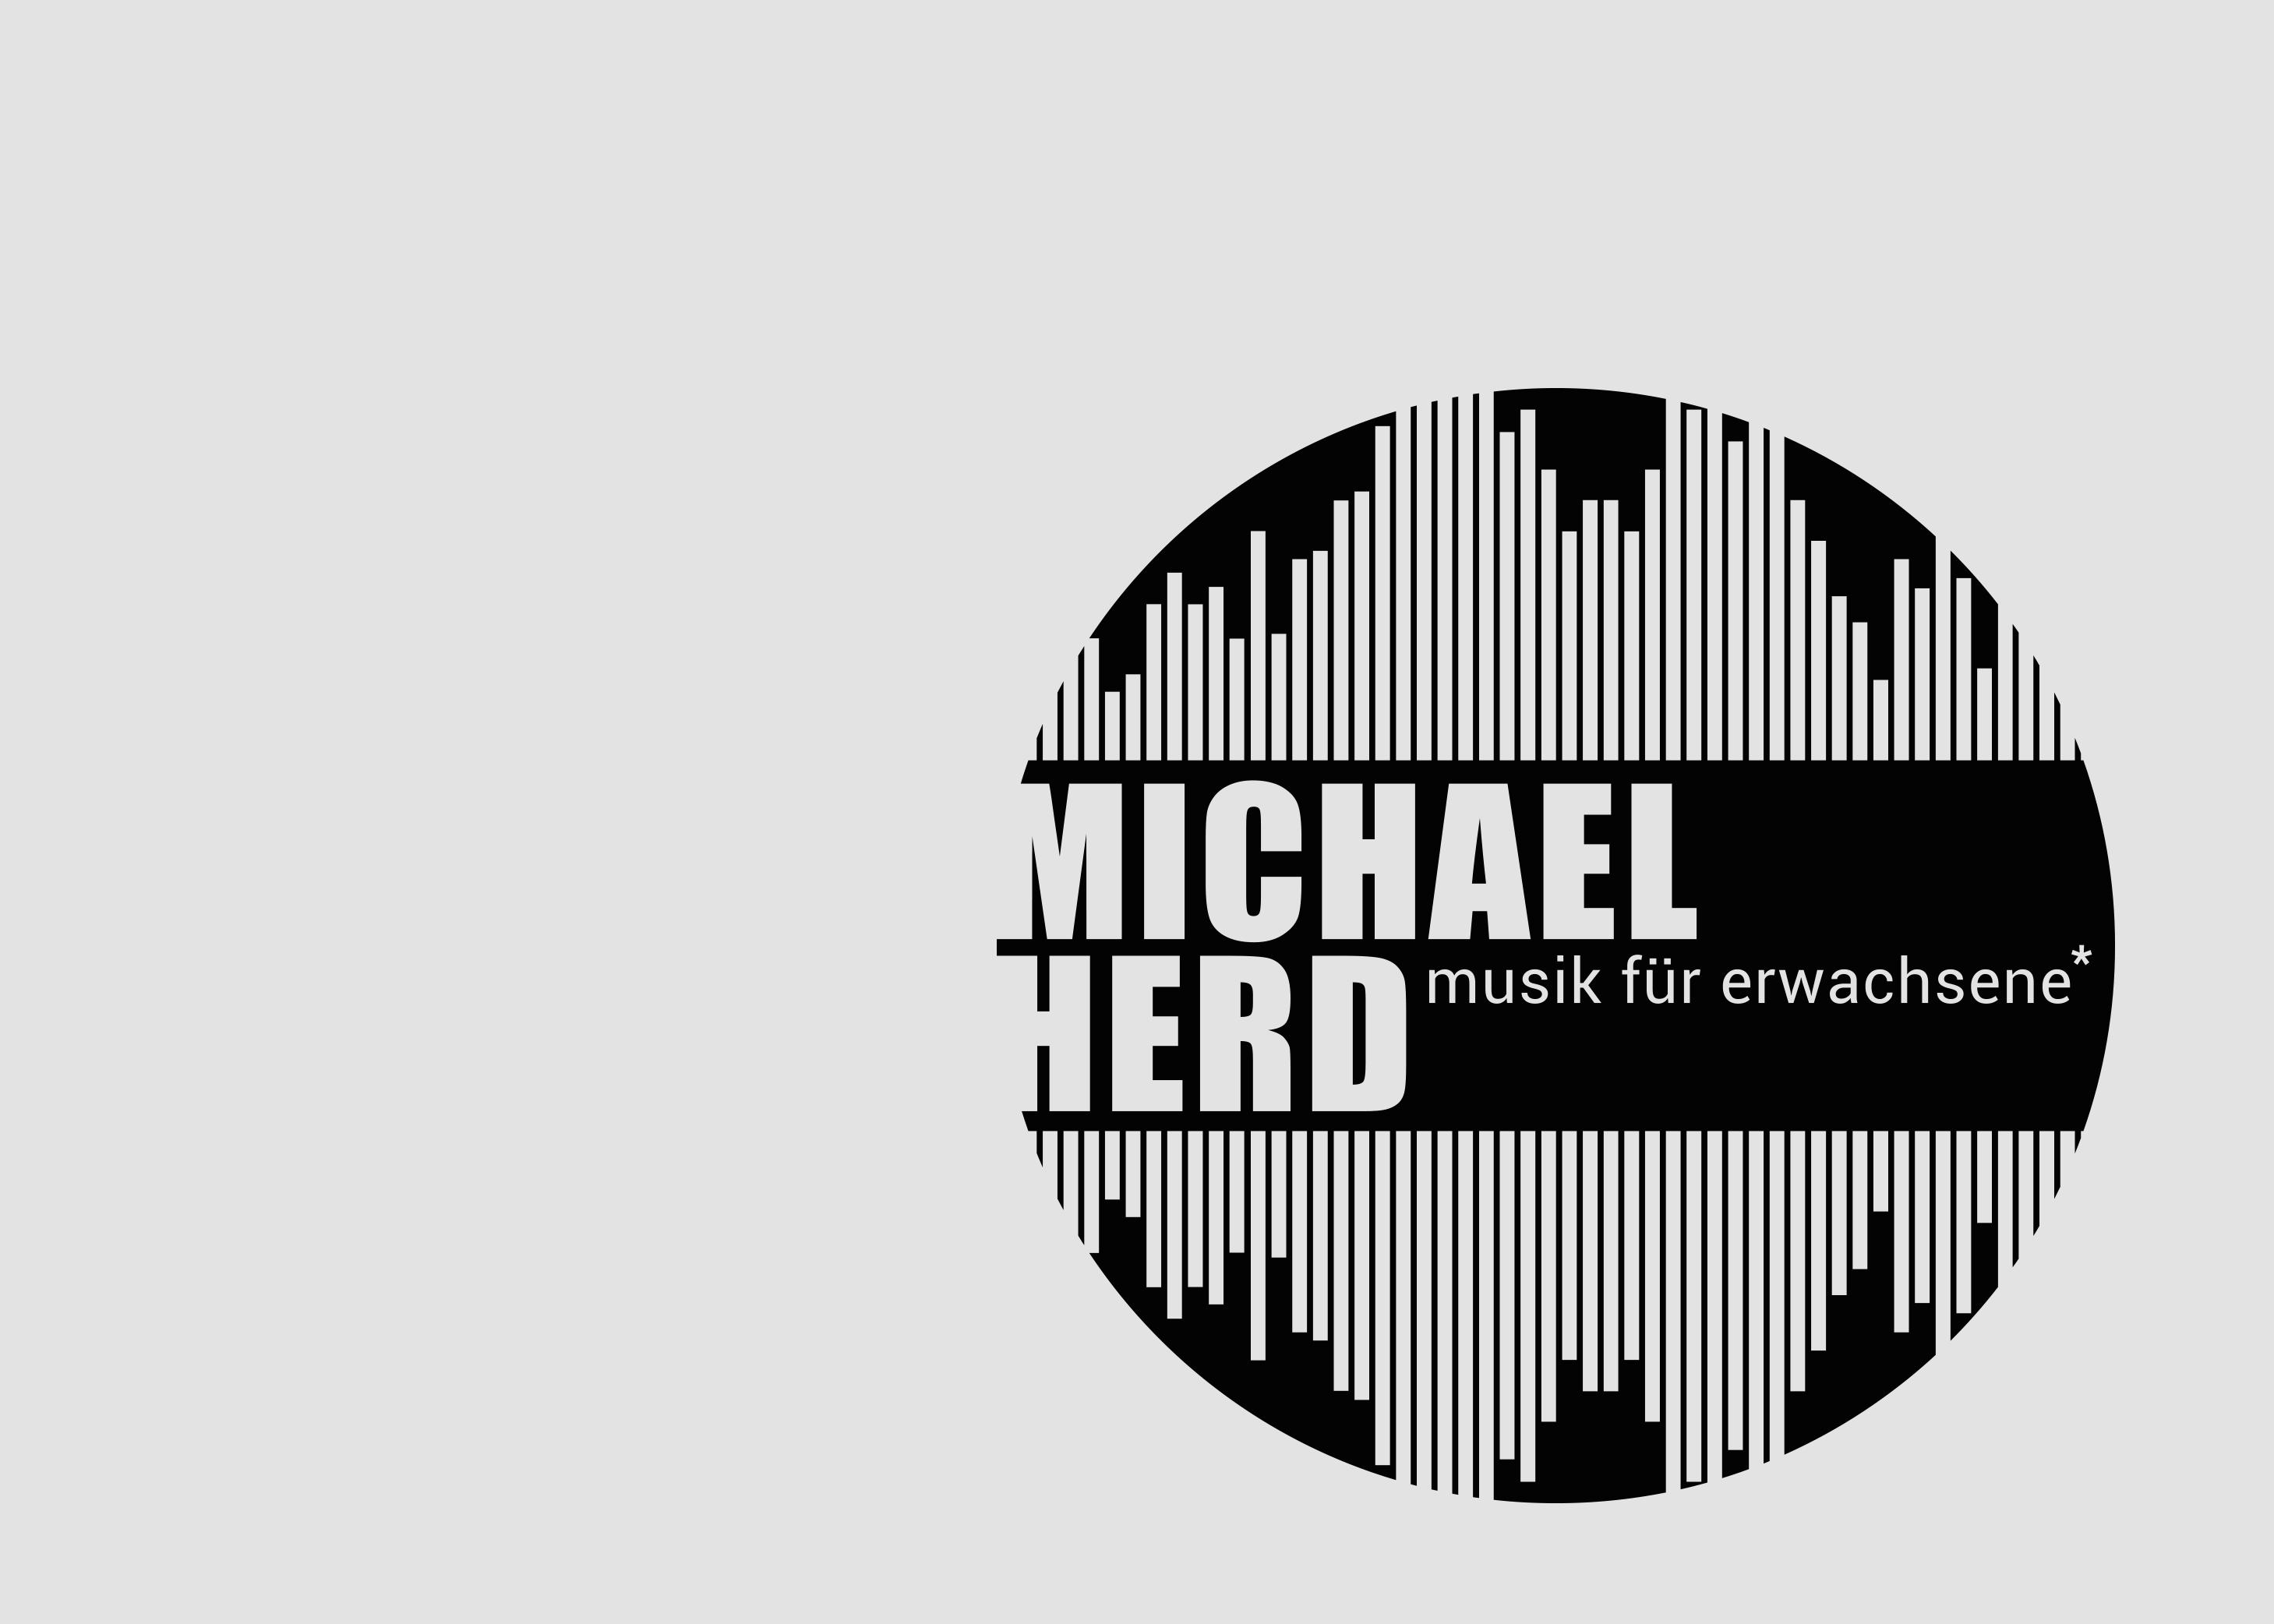 Michauel_herd_logo1